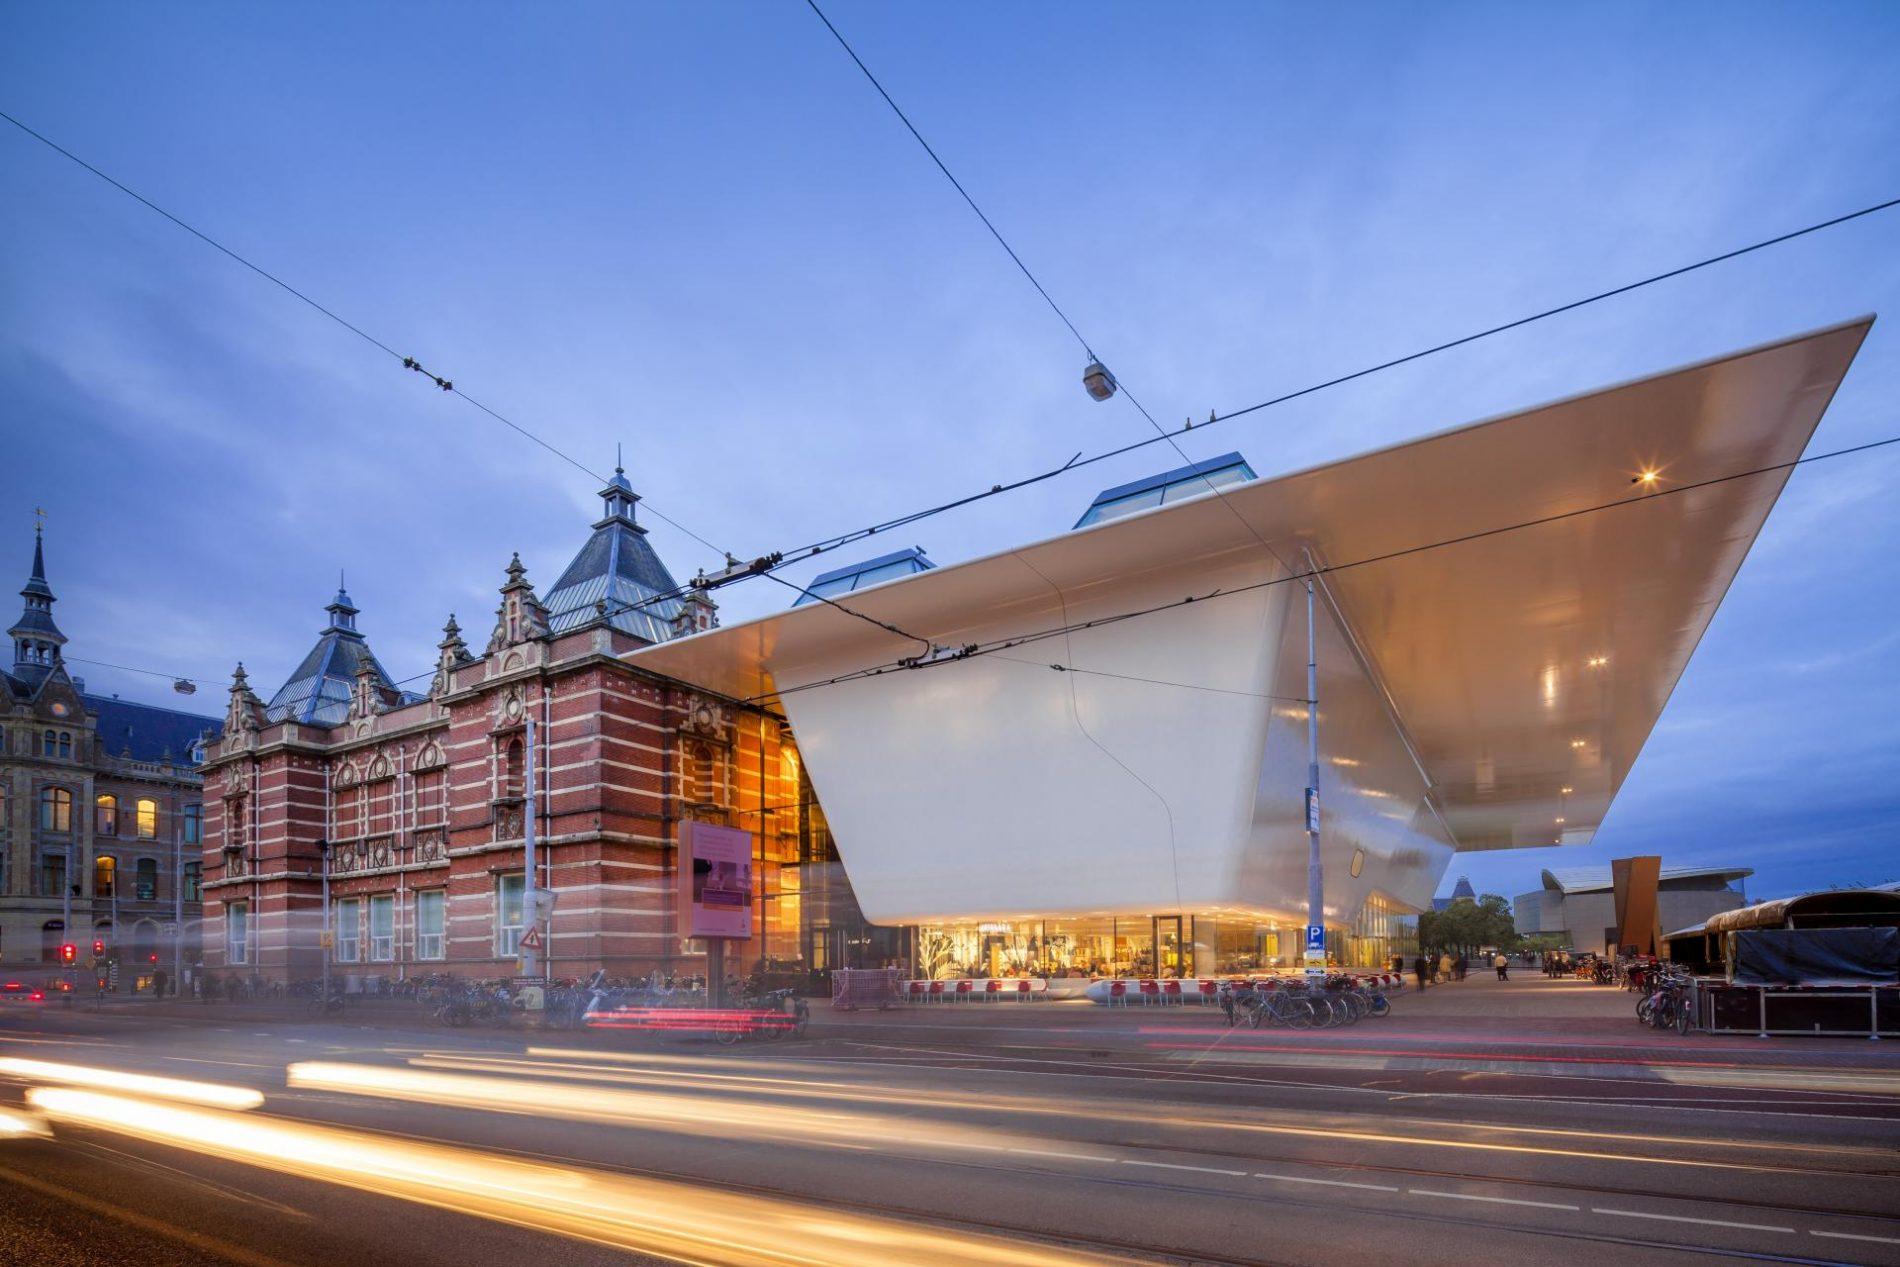 stedelijk museum amsterdam, stedelijk museum, museum, museumtv, stedelijk museum, stedelijk amsterdam, museumplein, museumplein amsterdam